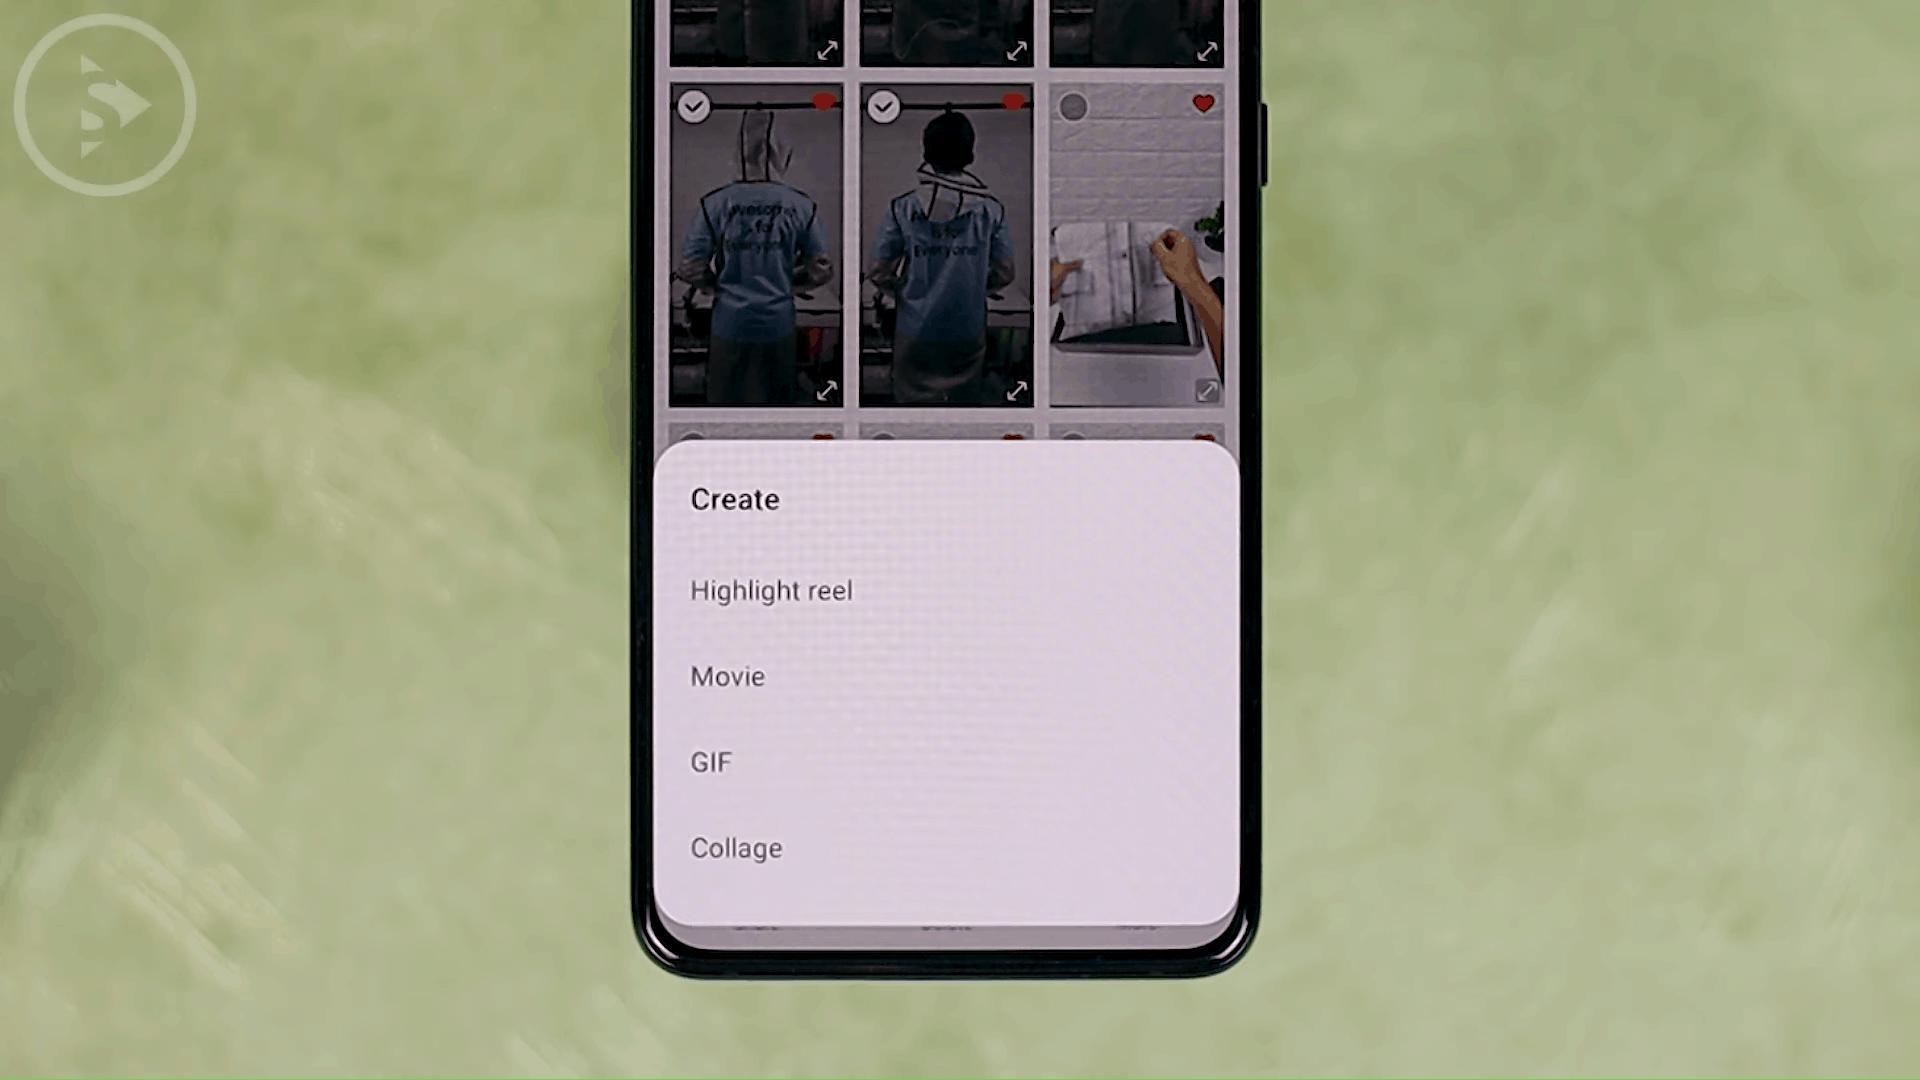 Create Highlight Reel - 4 Fitur Terbaru Untuk Edit Foto dan Video di Berbagai Versi One UI Tanpa Perlu Aplikasi Pihak Ketiga